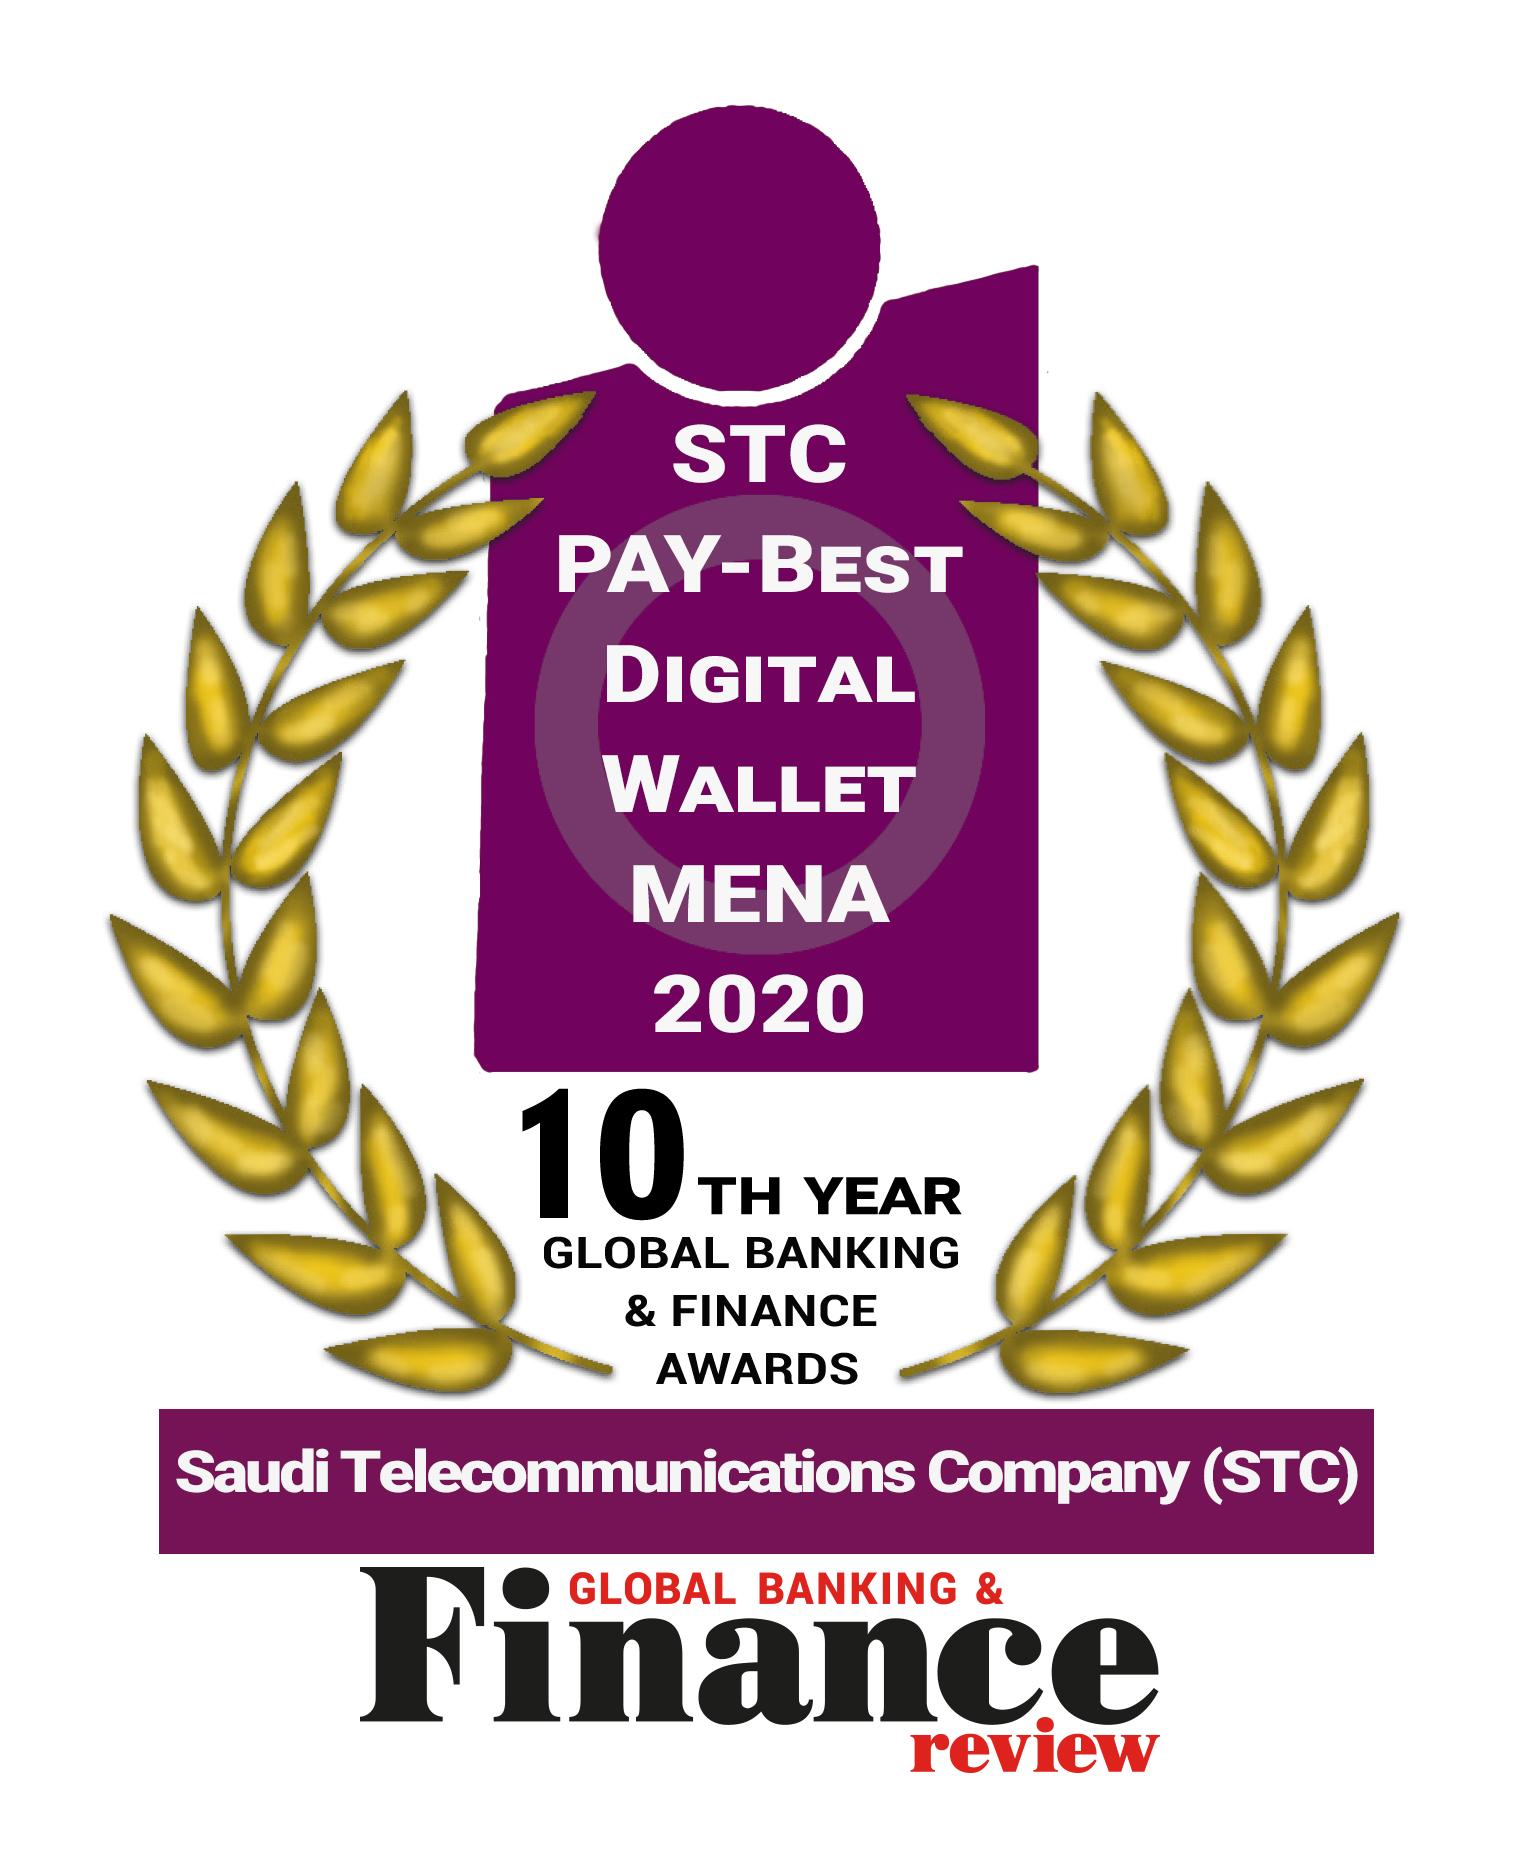 جائزة أفضل محفظة رقمية في الشرق الأوسط لسنة 2020